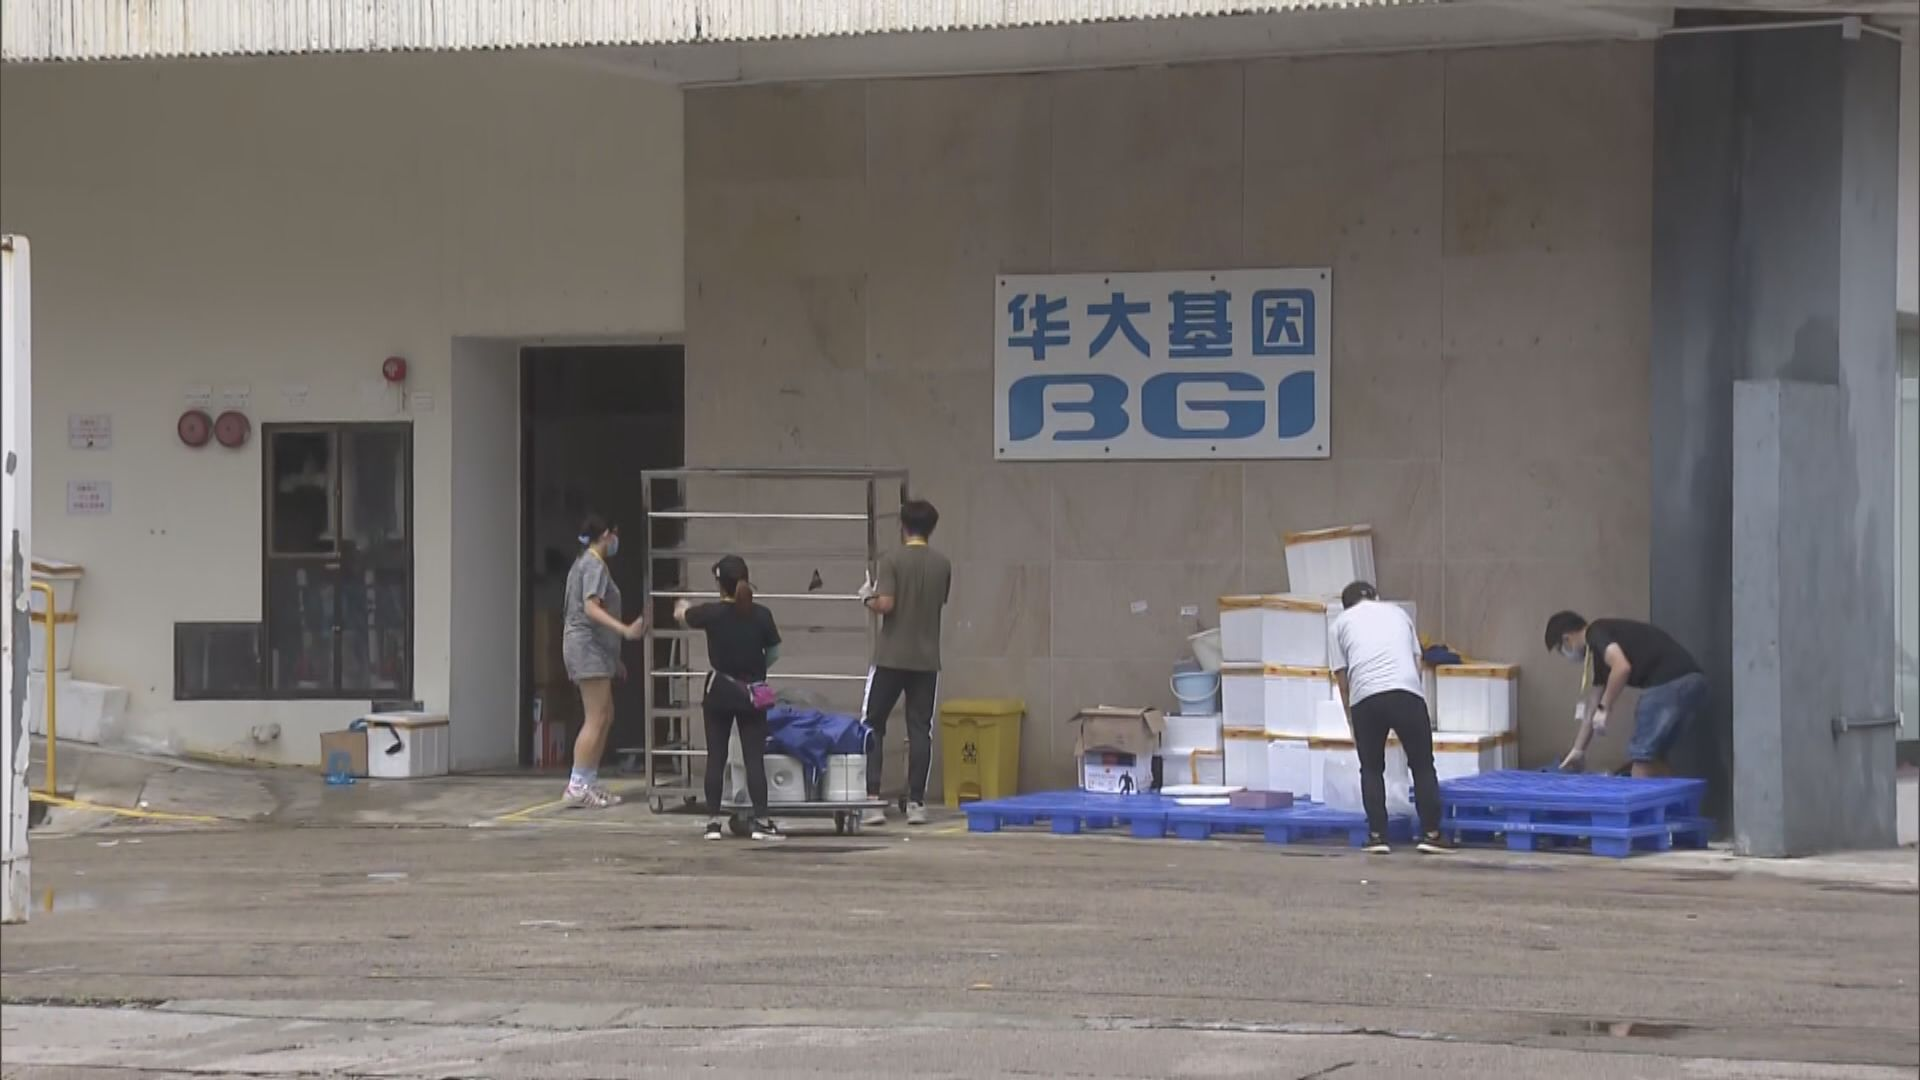 本港增3宗新冠病毒確診 華大基因職員感染源頭不明